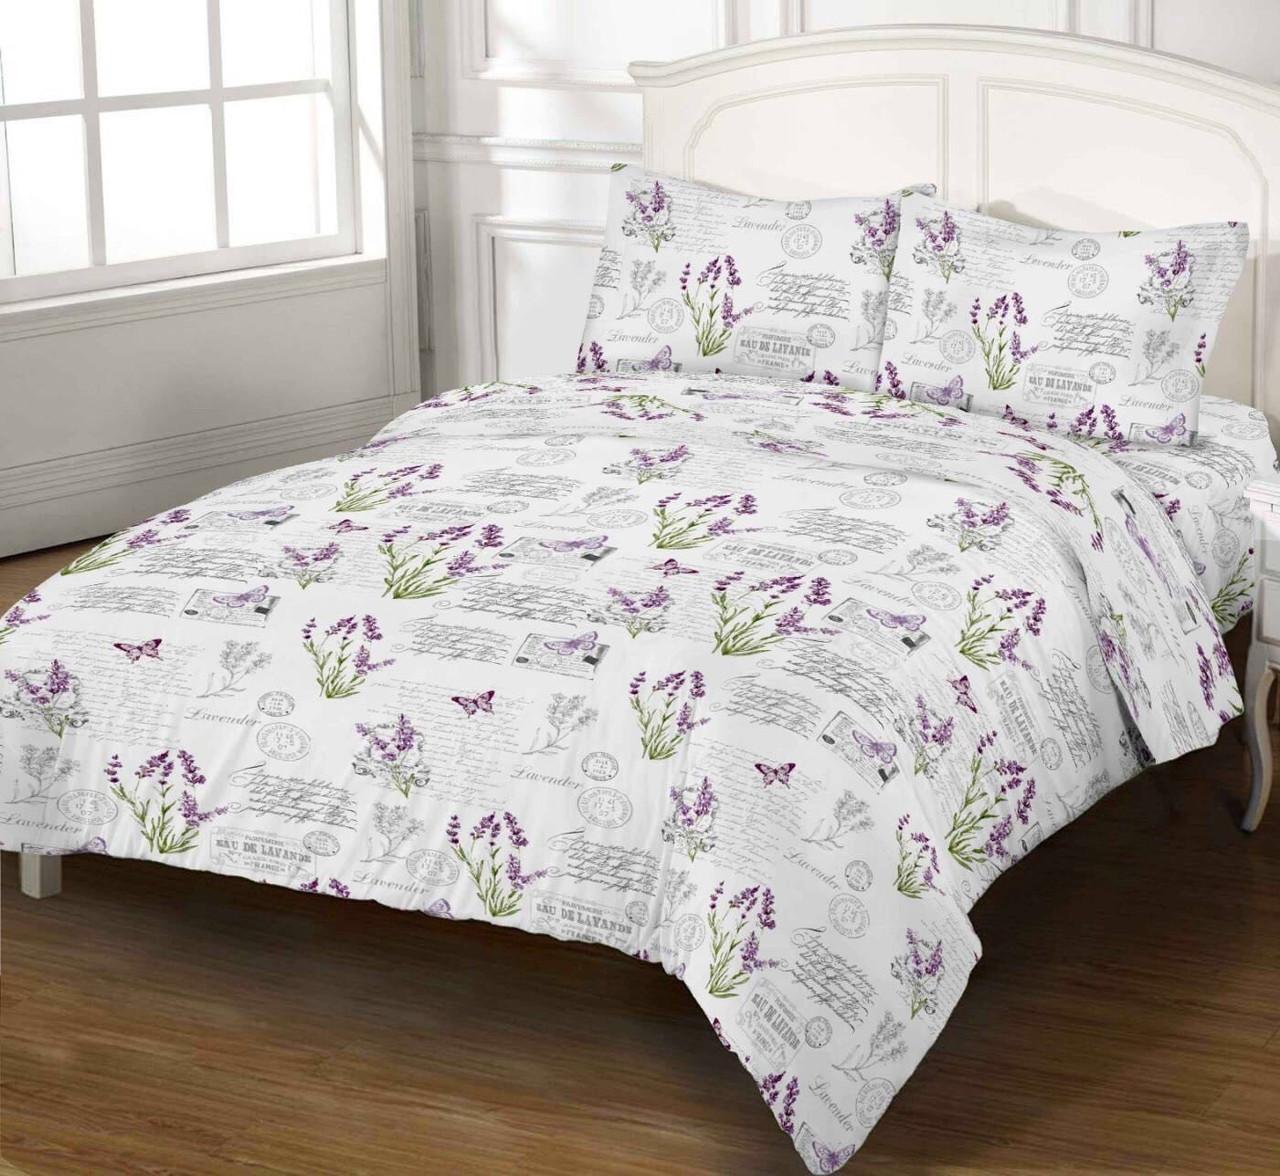 Комплект постельного белья DOTINEM Seni Бязь двуспальный 180х215 (8804-101)